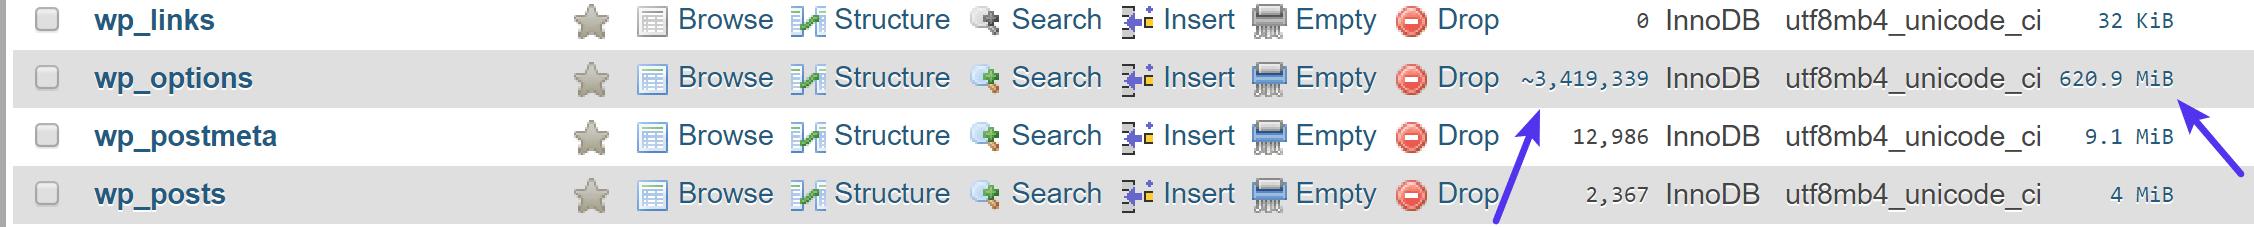 wp_options Verzeichnis mit Millionen Zeilen